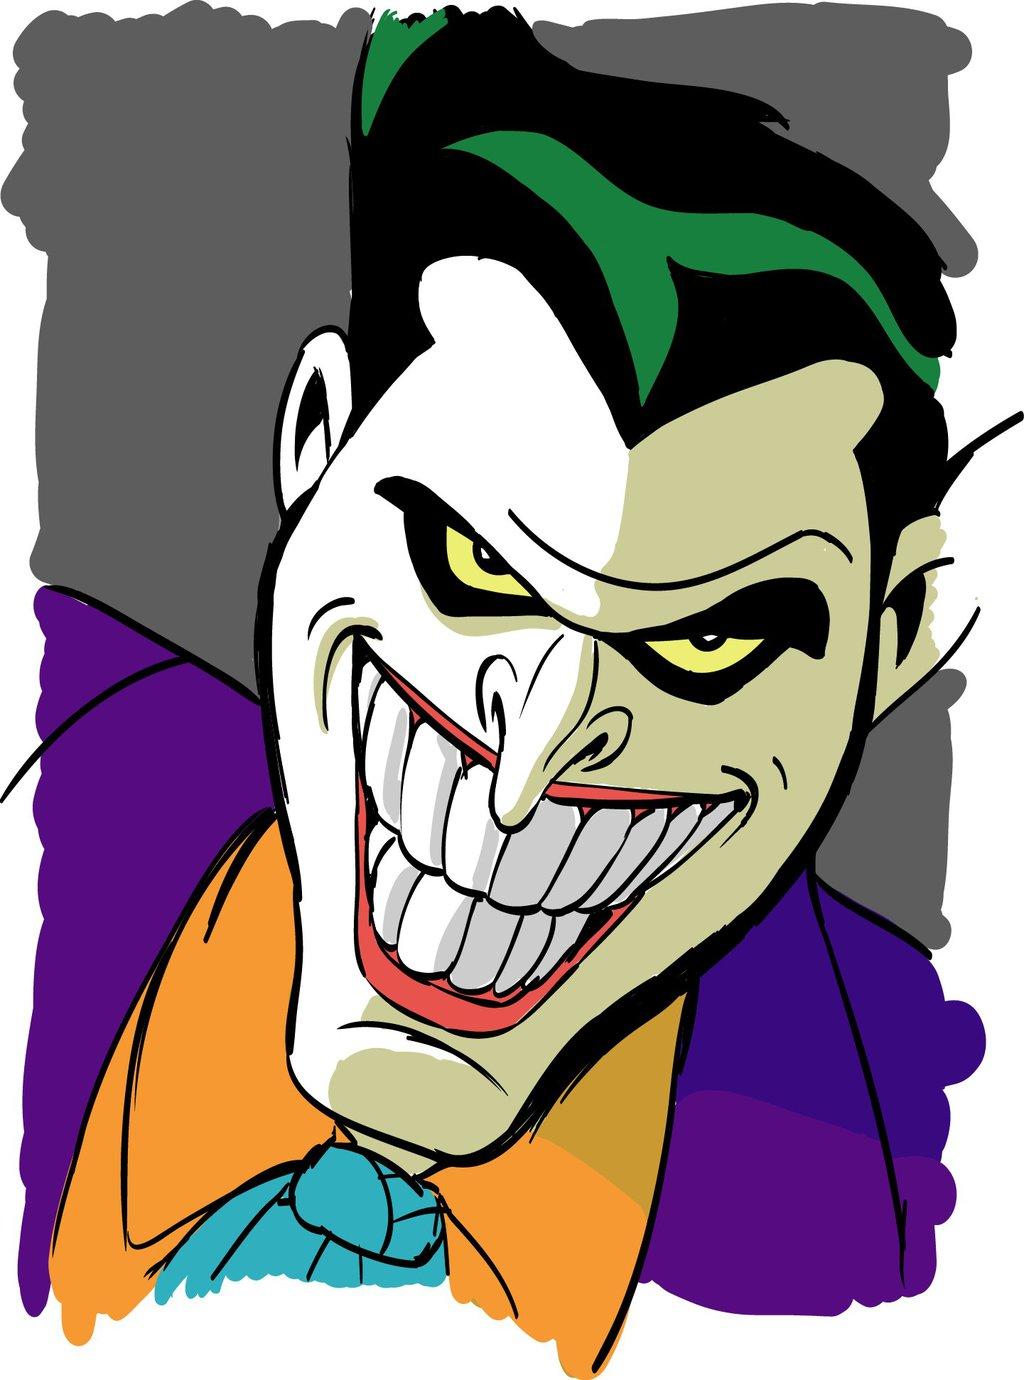 J For Joker. Joker Clipart